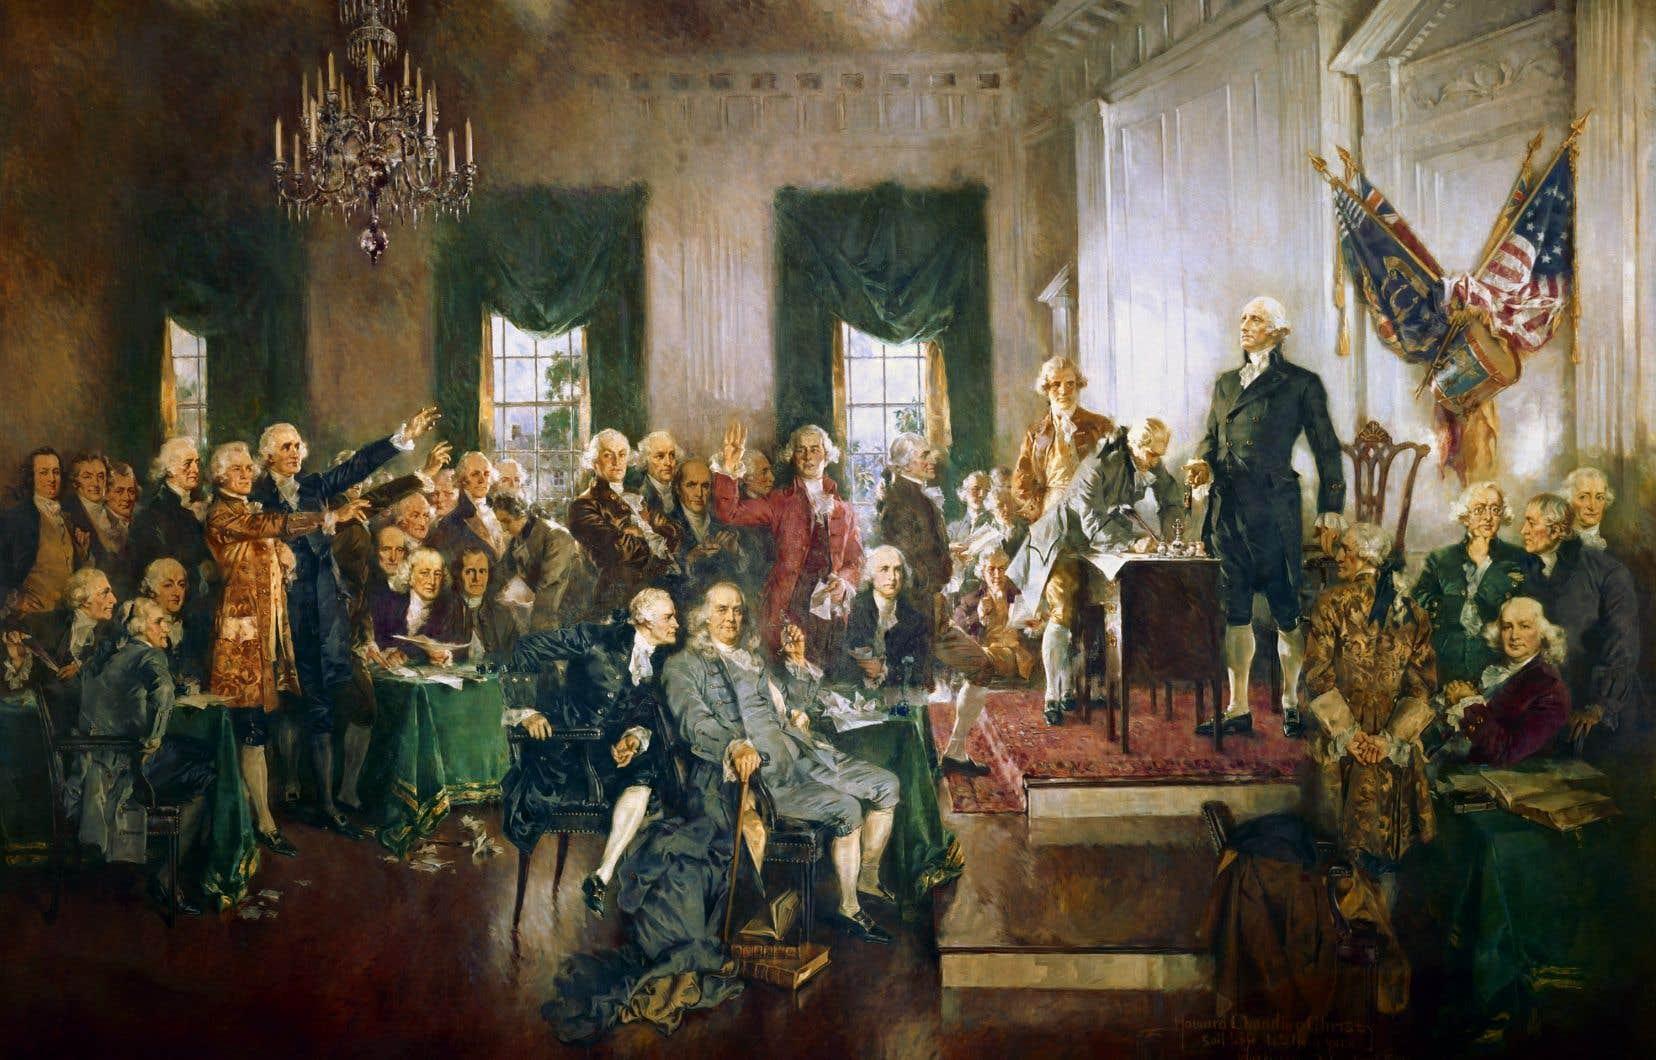 «Scène à la signature de la Constitution des États-Unis», par Howard Chandler Christy. Tableau exposé au Capitole représentant les 33 délégués qui signèrent la Constitution des États-Unis, en 1787.